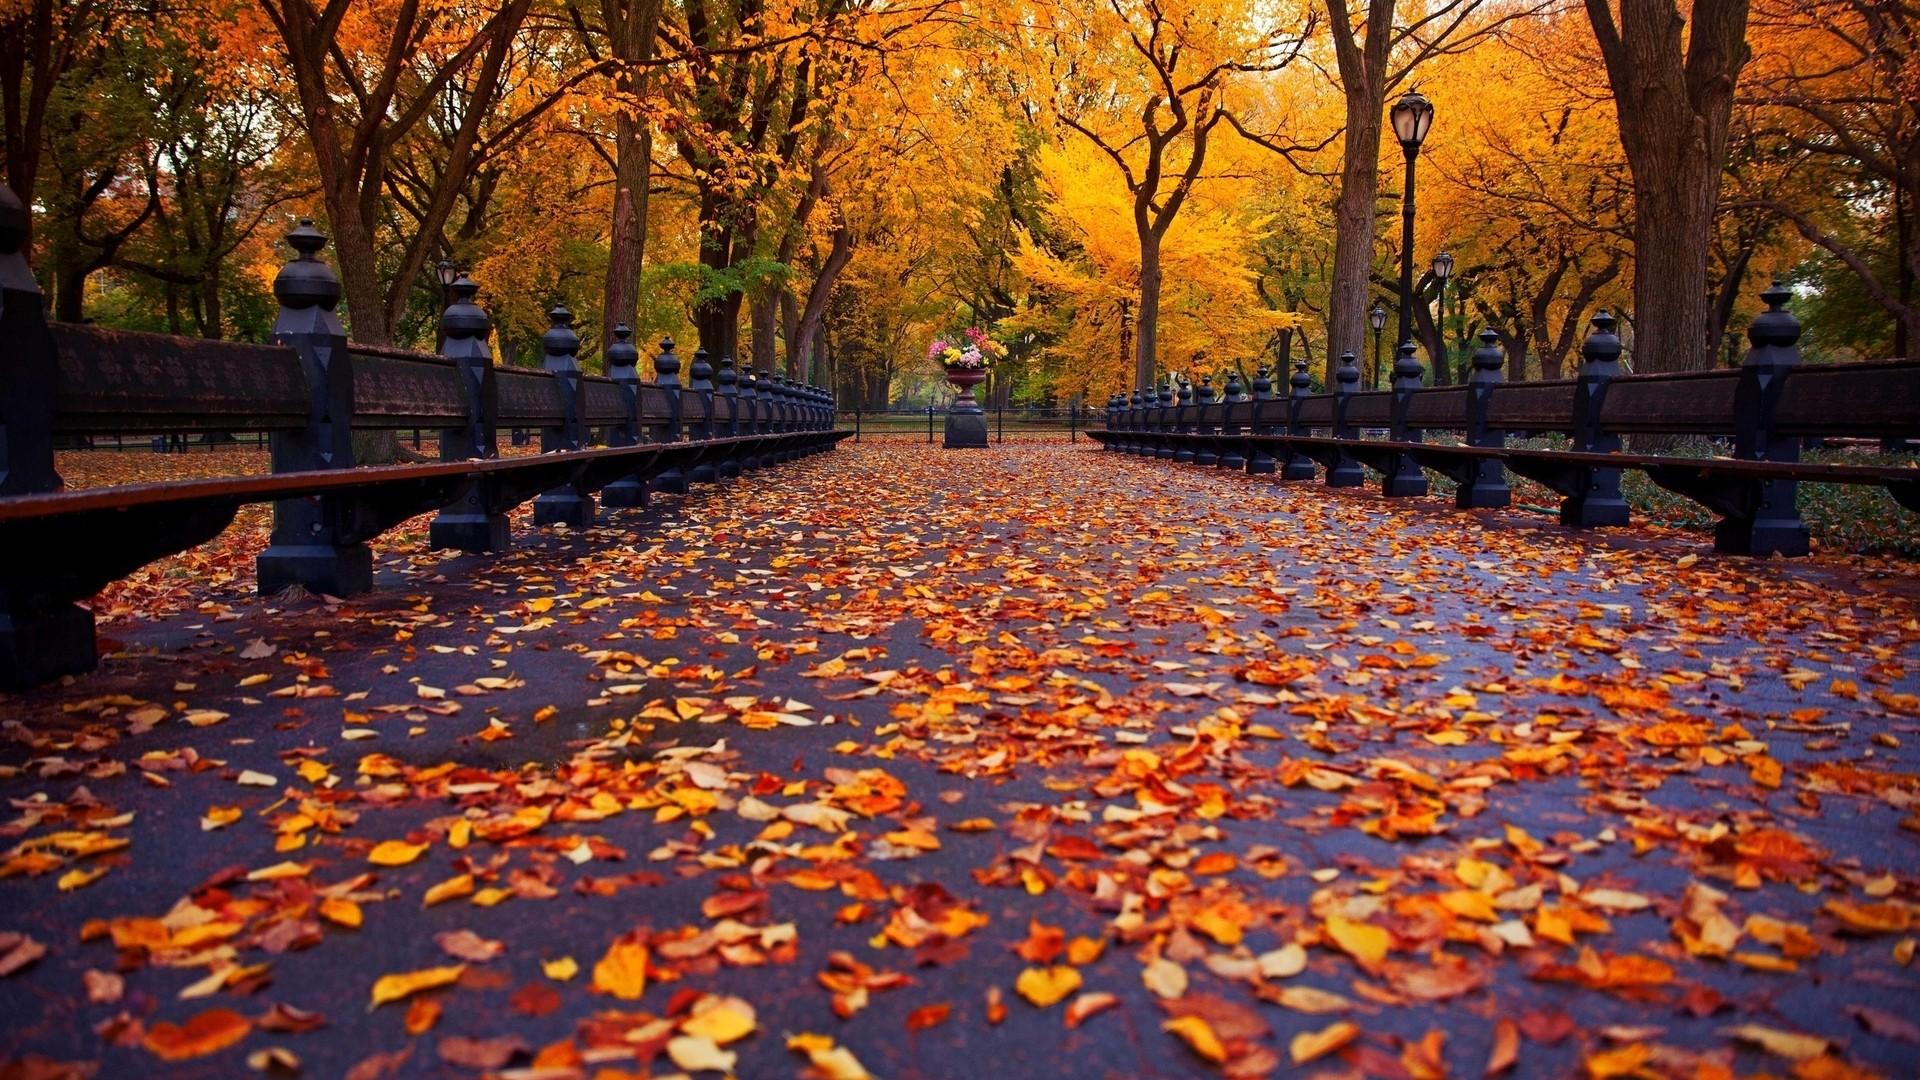 秋の壁紙のhd かわいい秋の壁紙 19x1080 Wallpapertip